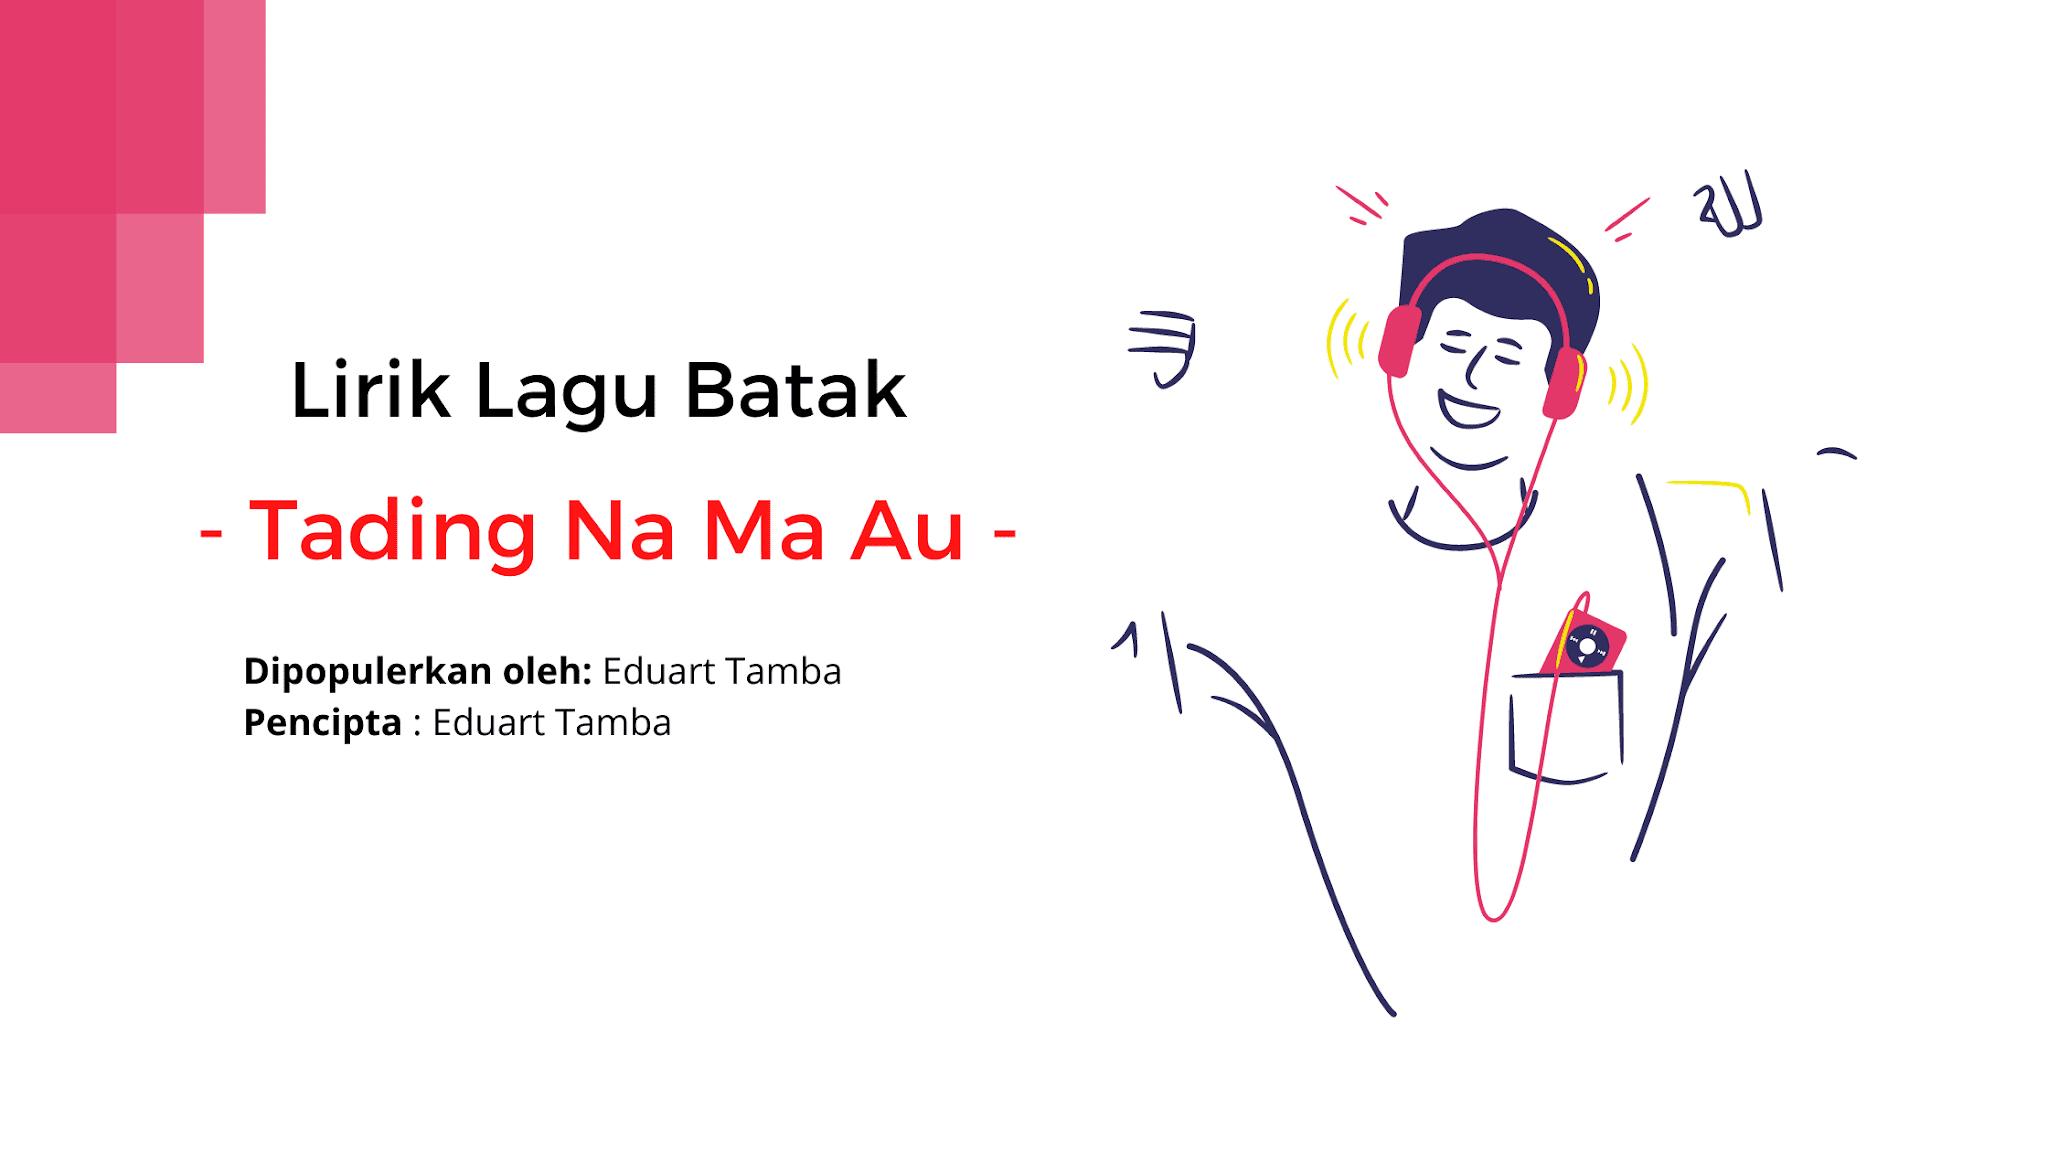 Lirik Lagu Batak [ Tading Na ma Au ] Eduart Tamba ft. Nirwana Trio